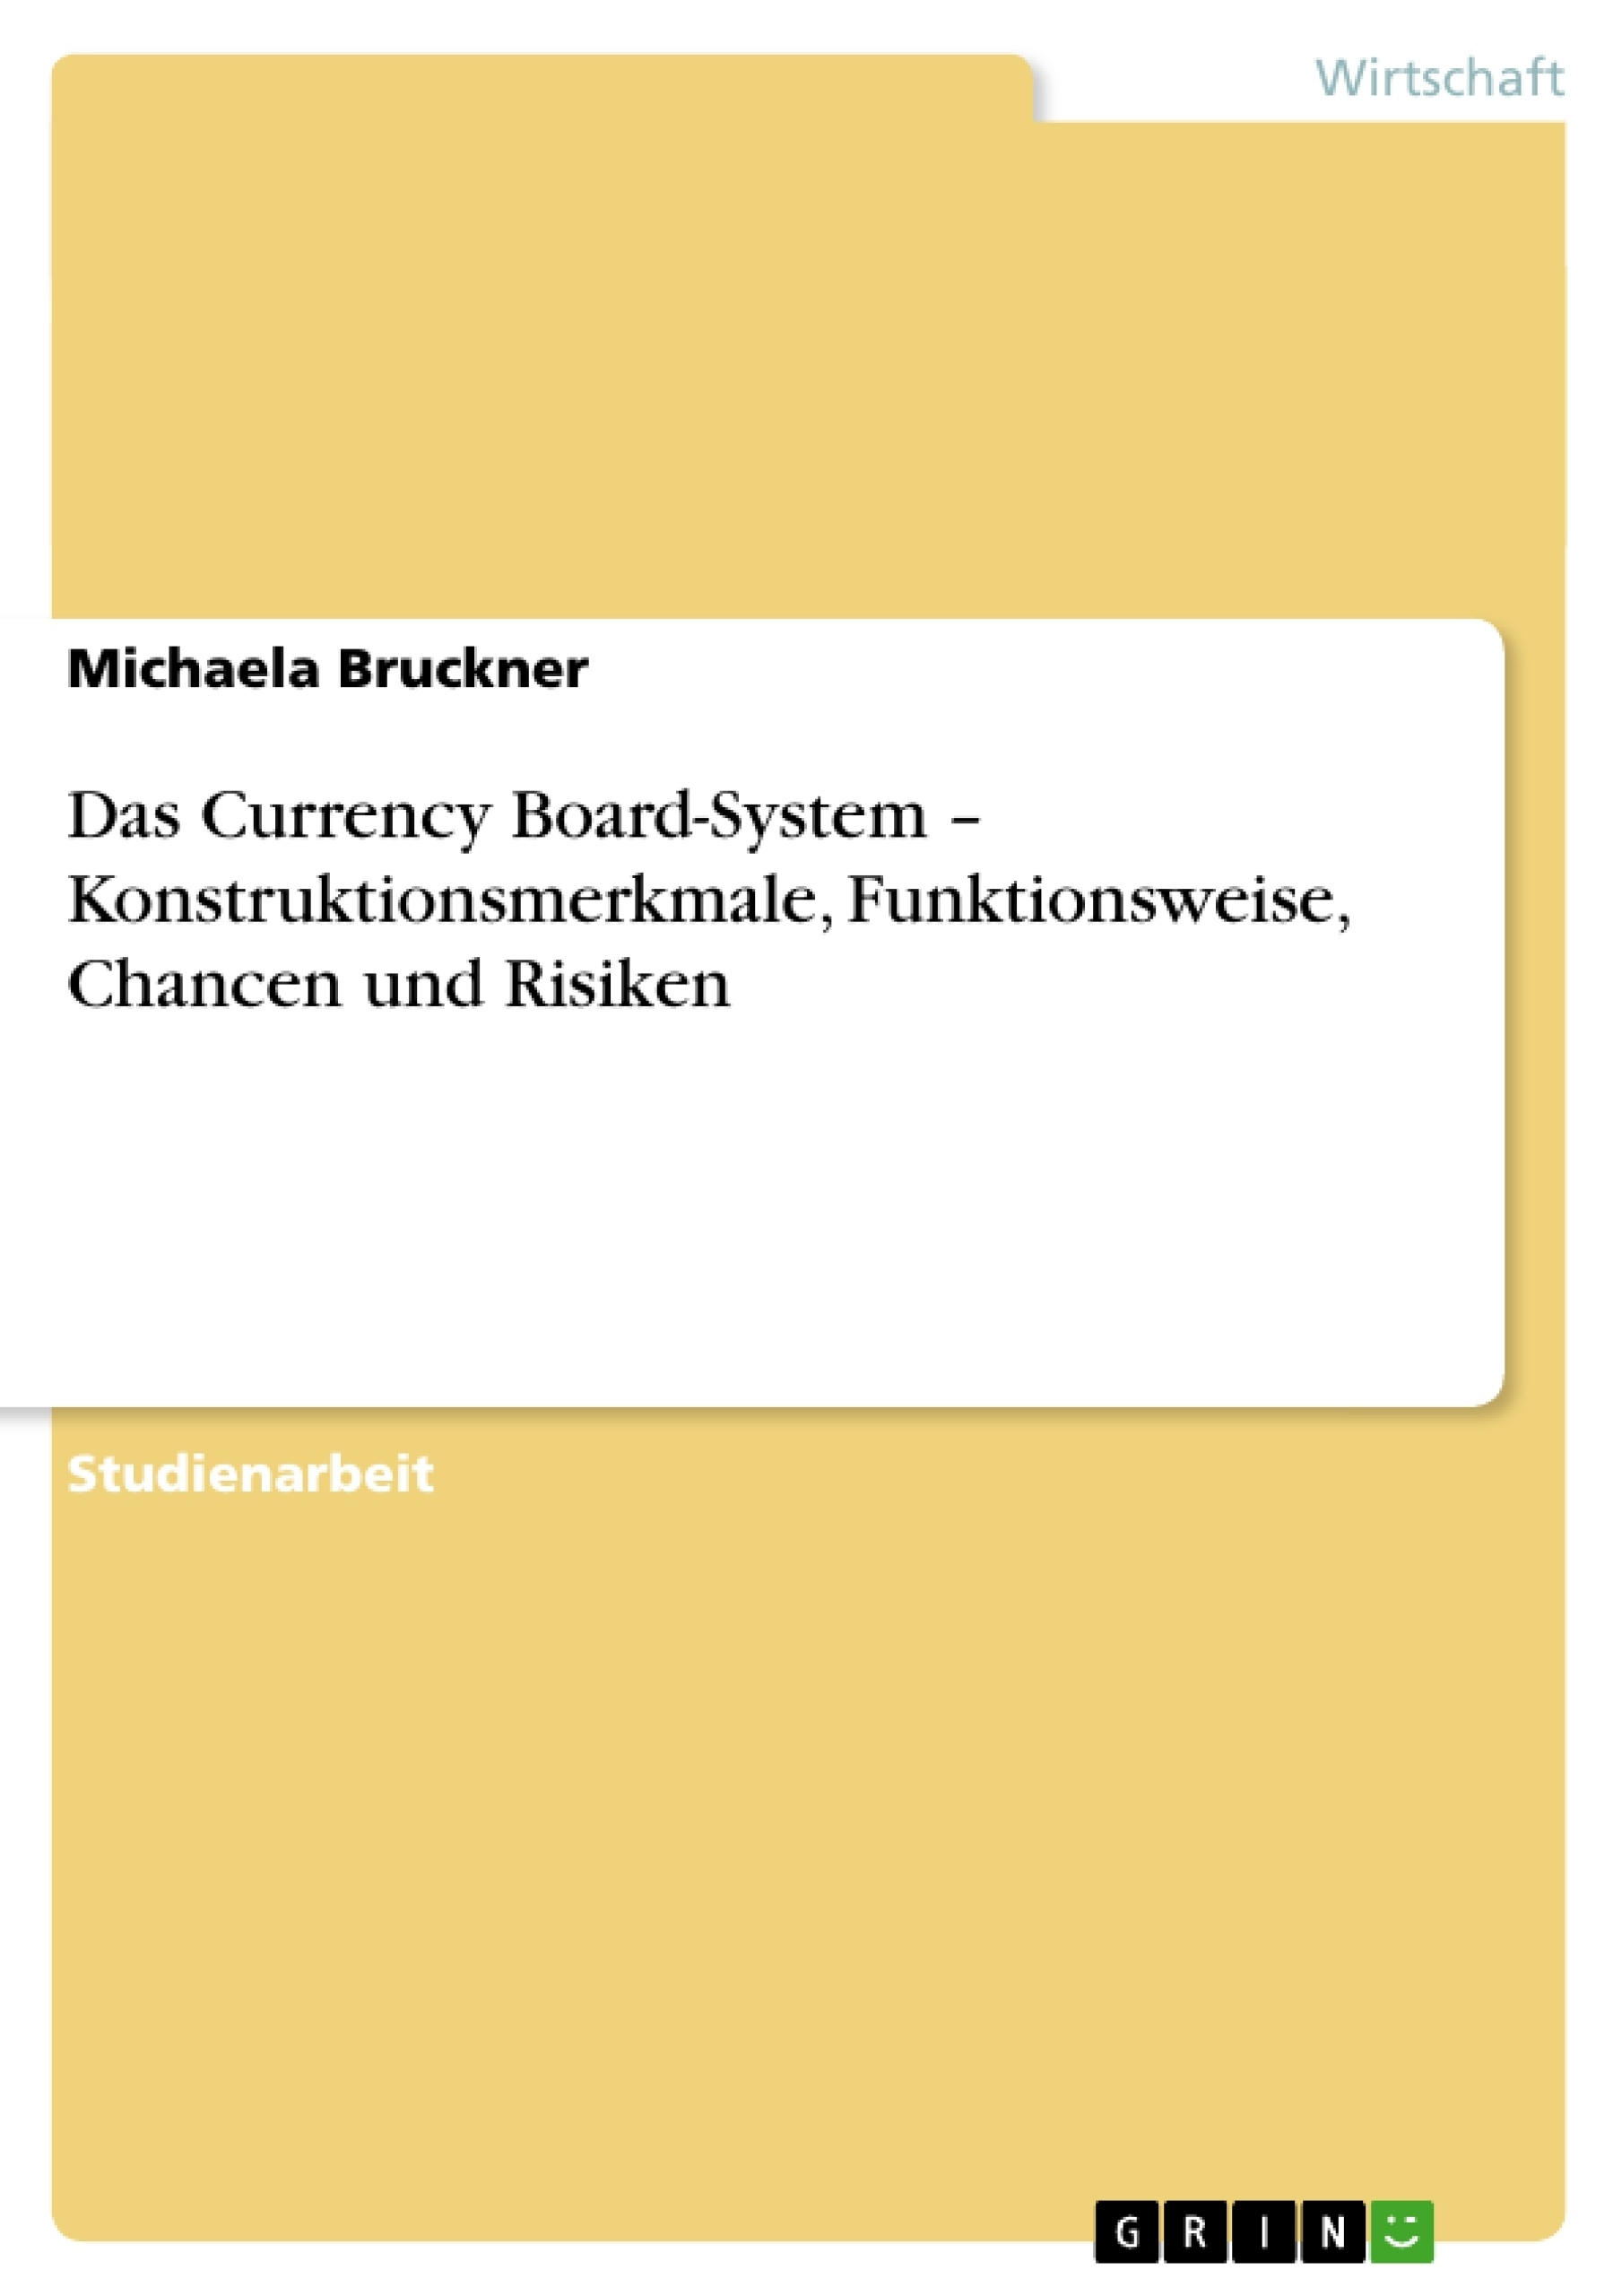 Titel: Das Currency Board-System – Konstruktionsmerkmale, Funktionsweise, Chancen und Risiken